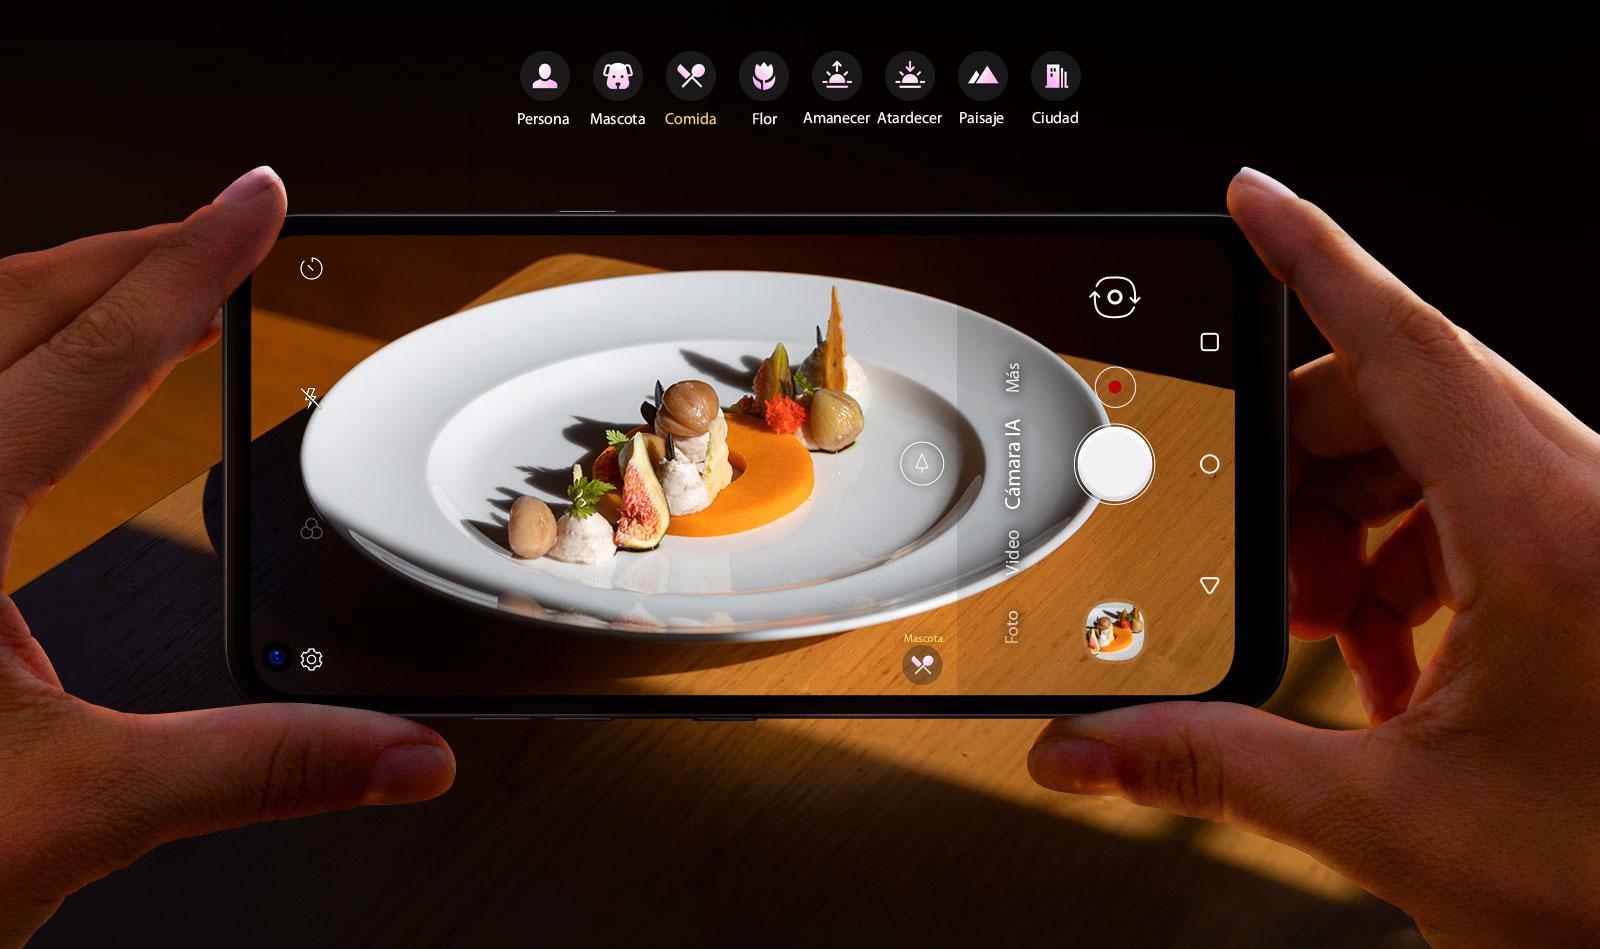 Primer plano de alguien que sostiene un teléfono inteligente que le saca fotos a la comida